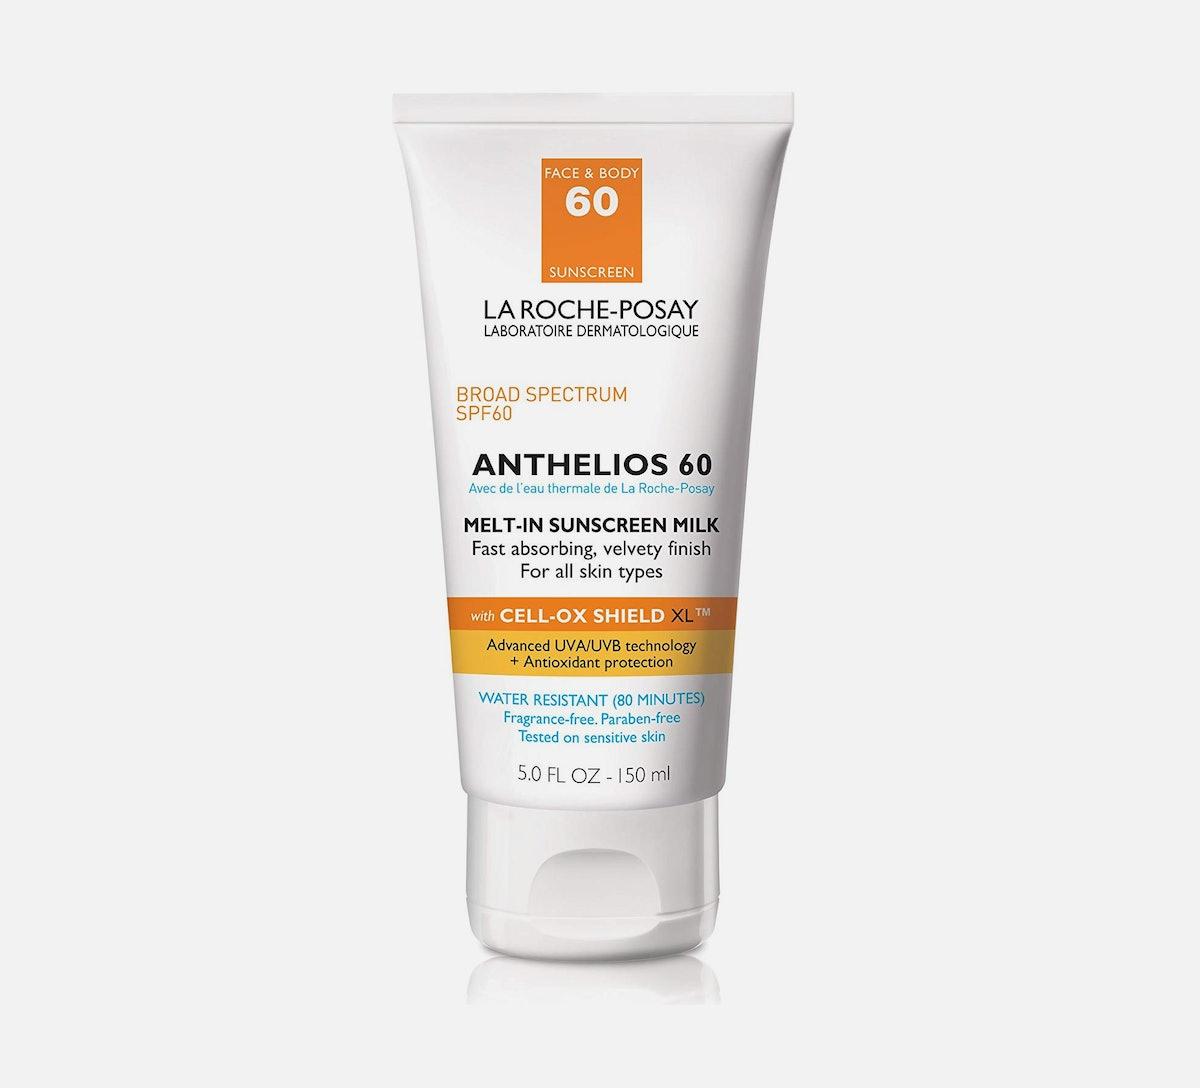 La Roche-Posay Sunscreen